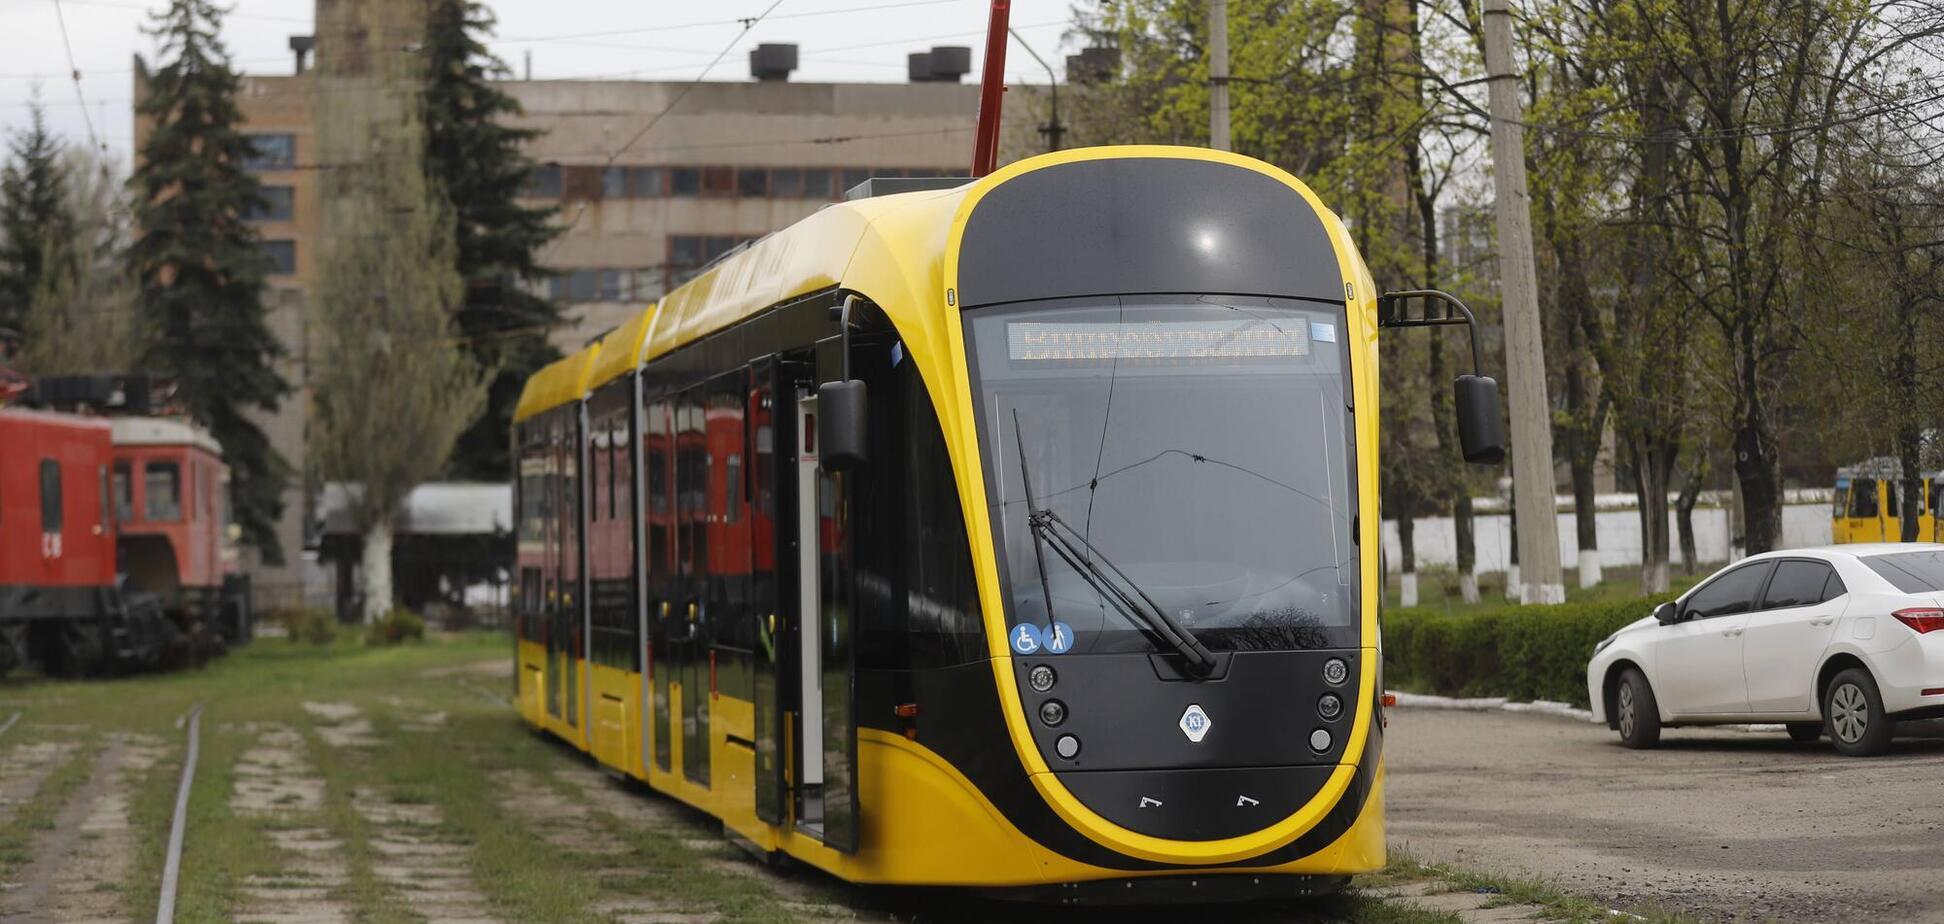 В Днепре испытывают новый низкопольный трамвай 'Татра-Юг К1-Т306'